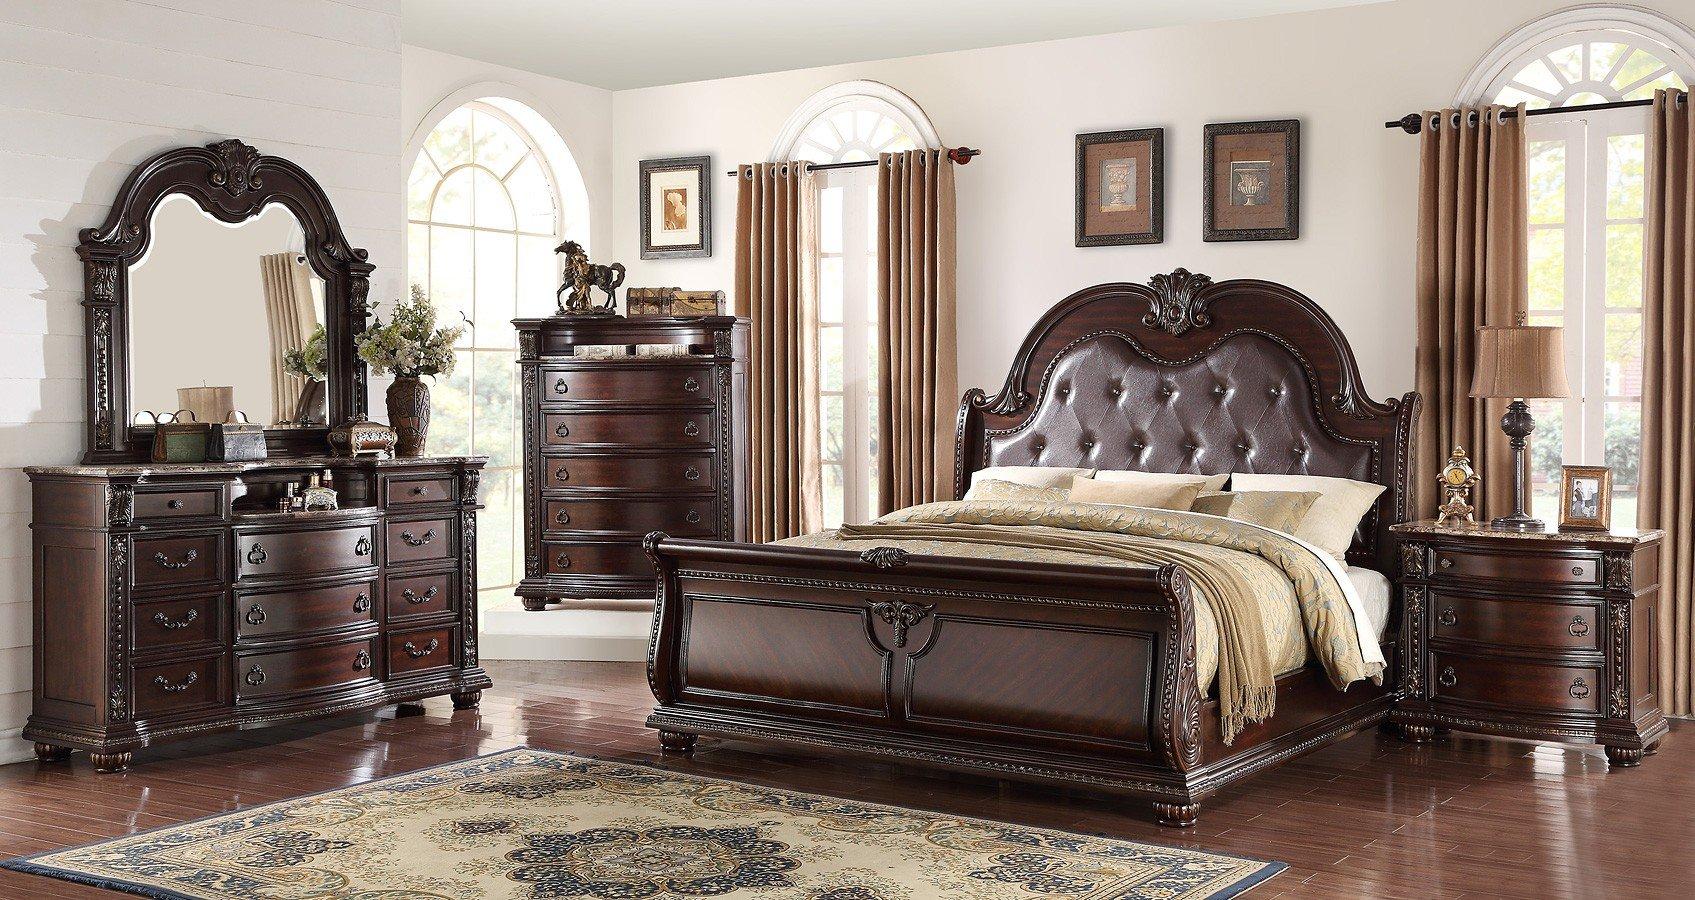 Stanley sleigh bedroom set crown mark furniture furniture cart for Stanley furniture bedroom set